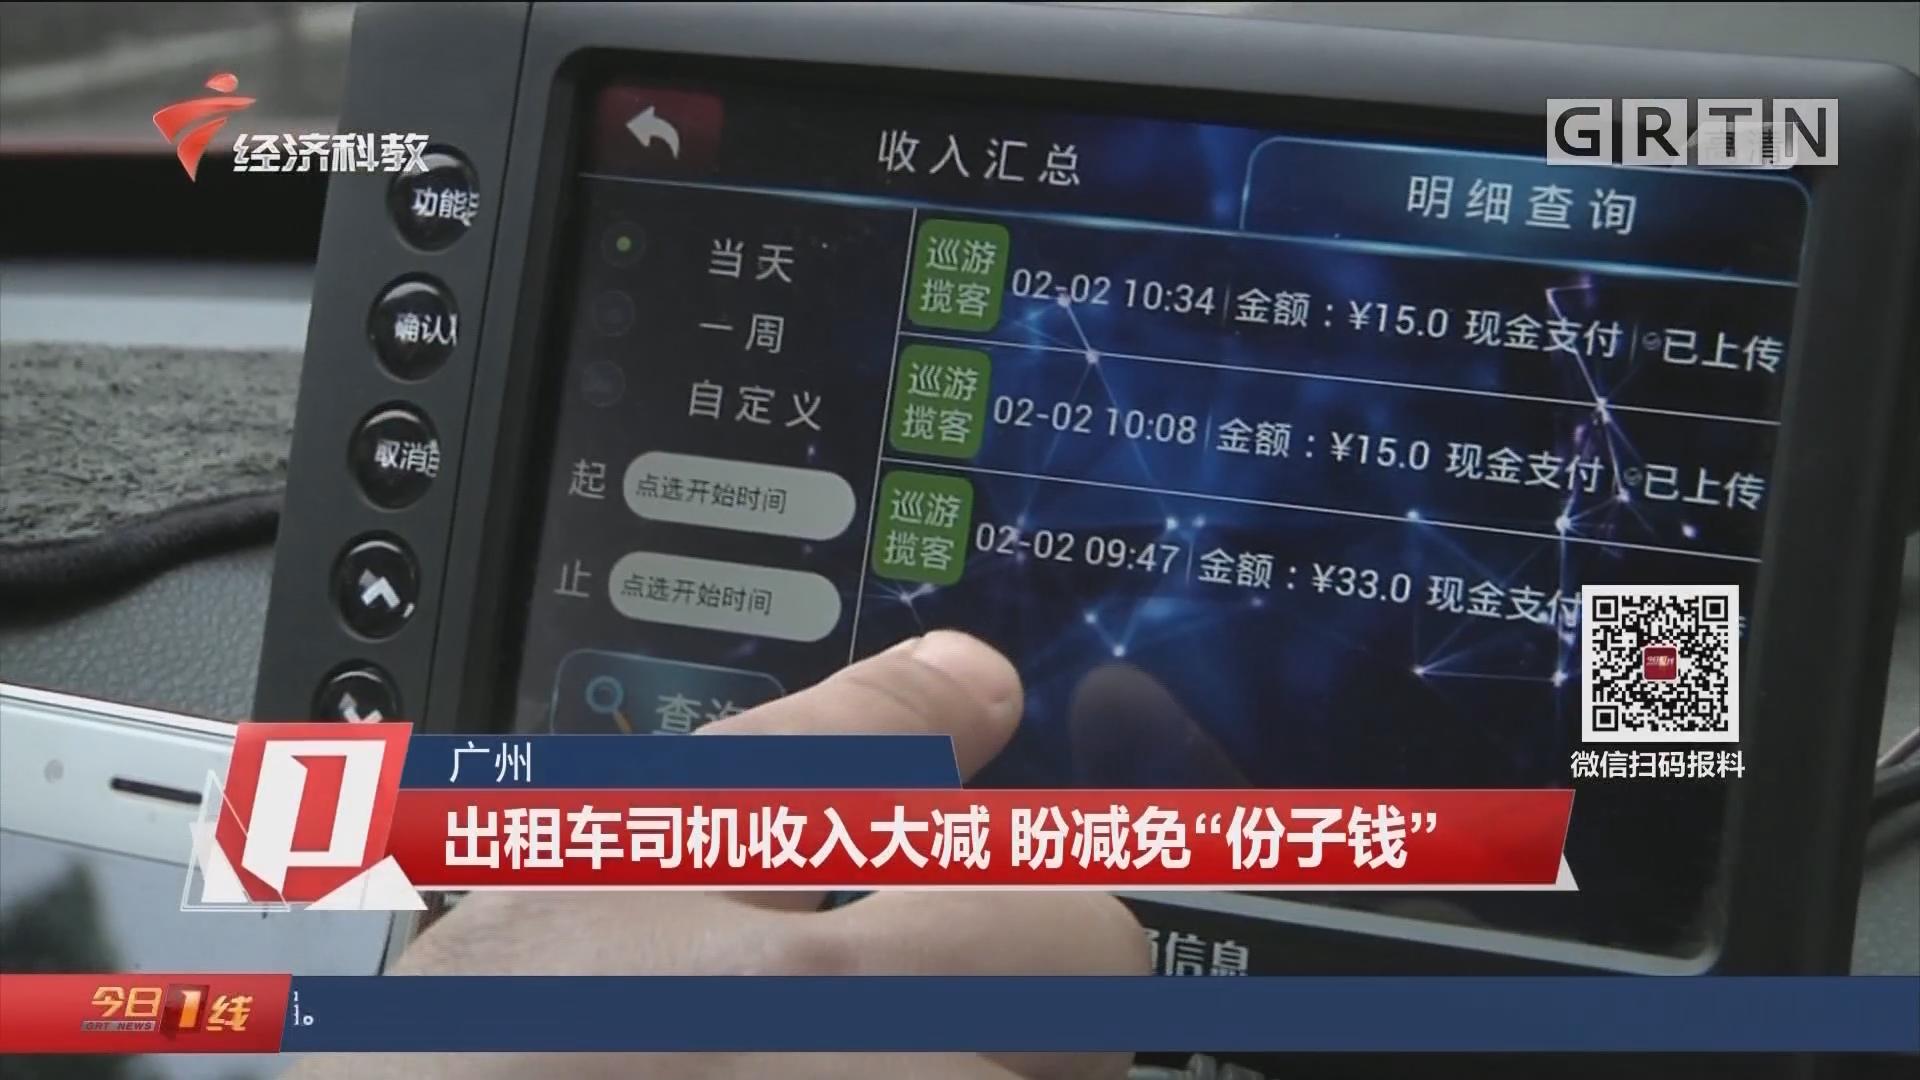 """广州:出租车司机收入大减 盼减免""""份子钱"""""""